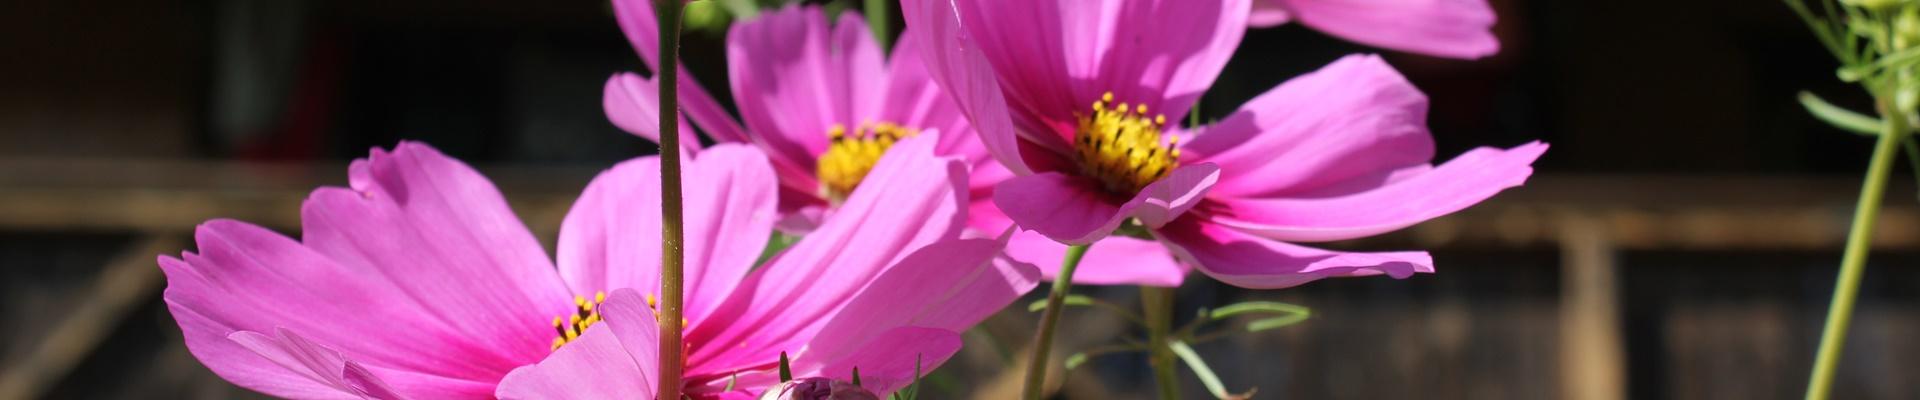 Rosa-violette Blüten mit gelbem Stempel vor Hoffassade / Griesbachhof-Schwarzwald